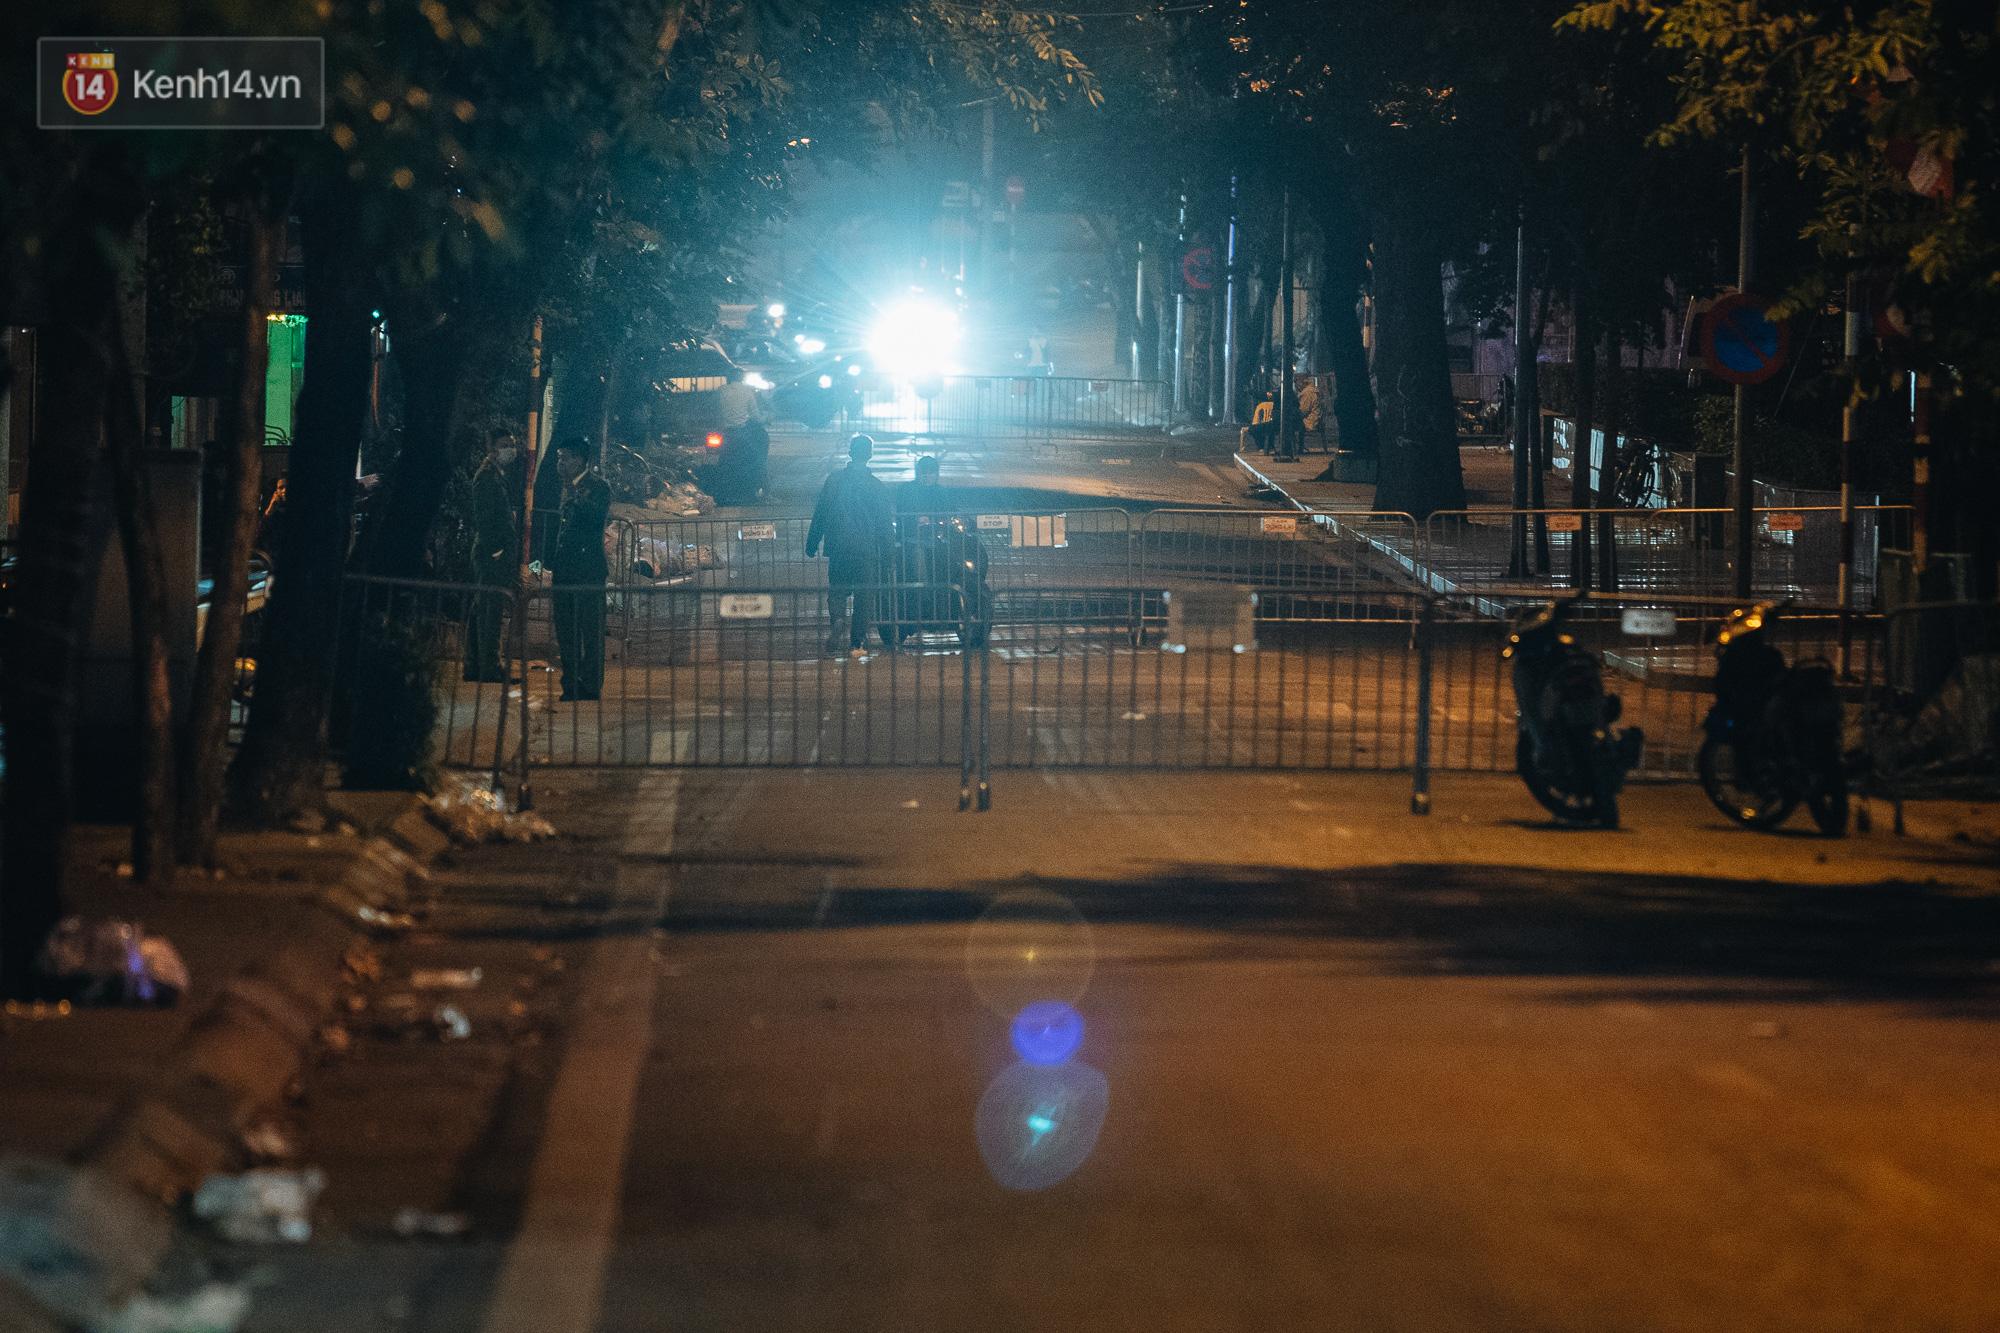 Ảnh: Cận cảnh khu vực phong tỏa nơi phát hiện và di dời thành công quả bom 340kg ở Hà Nội, người dân đã sơ tán trong đêm - Ảnh 7.